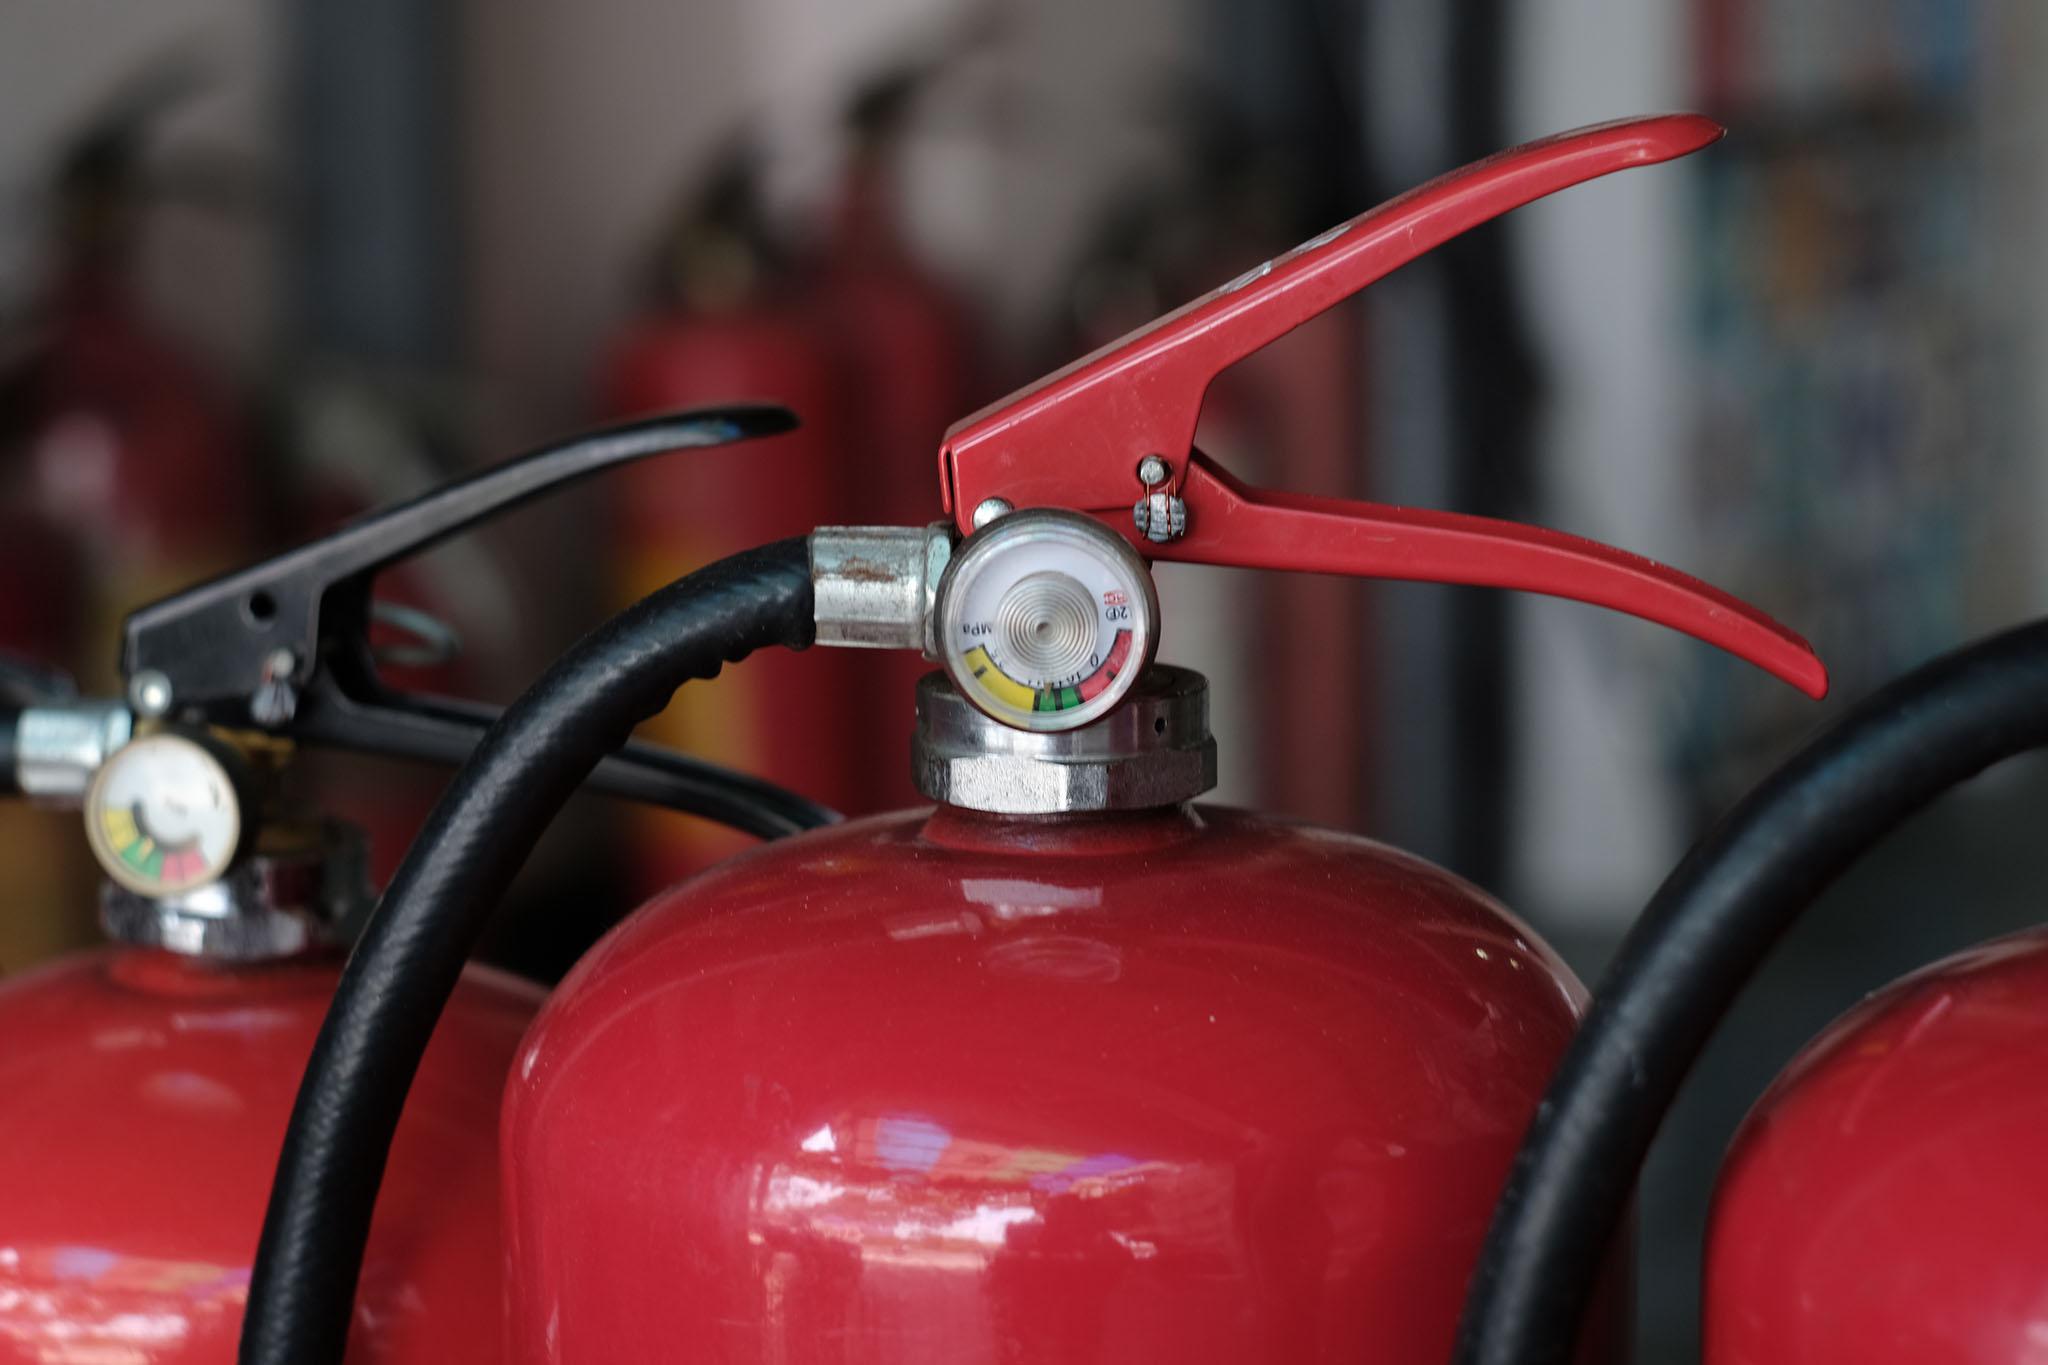 Bán thiết bị bình chữa cháy ở Vĩnh Long